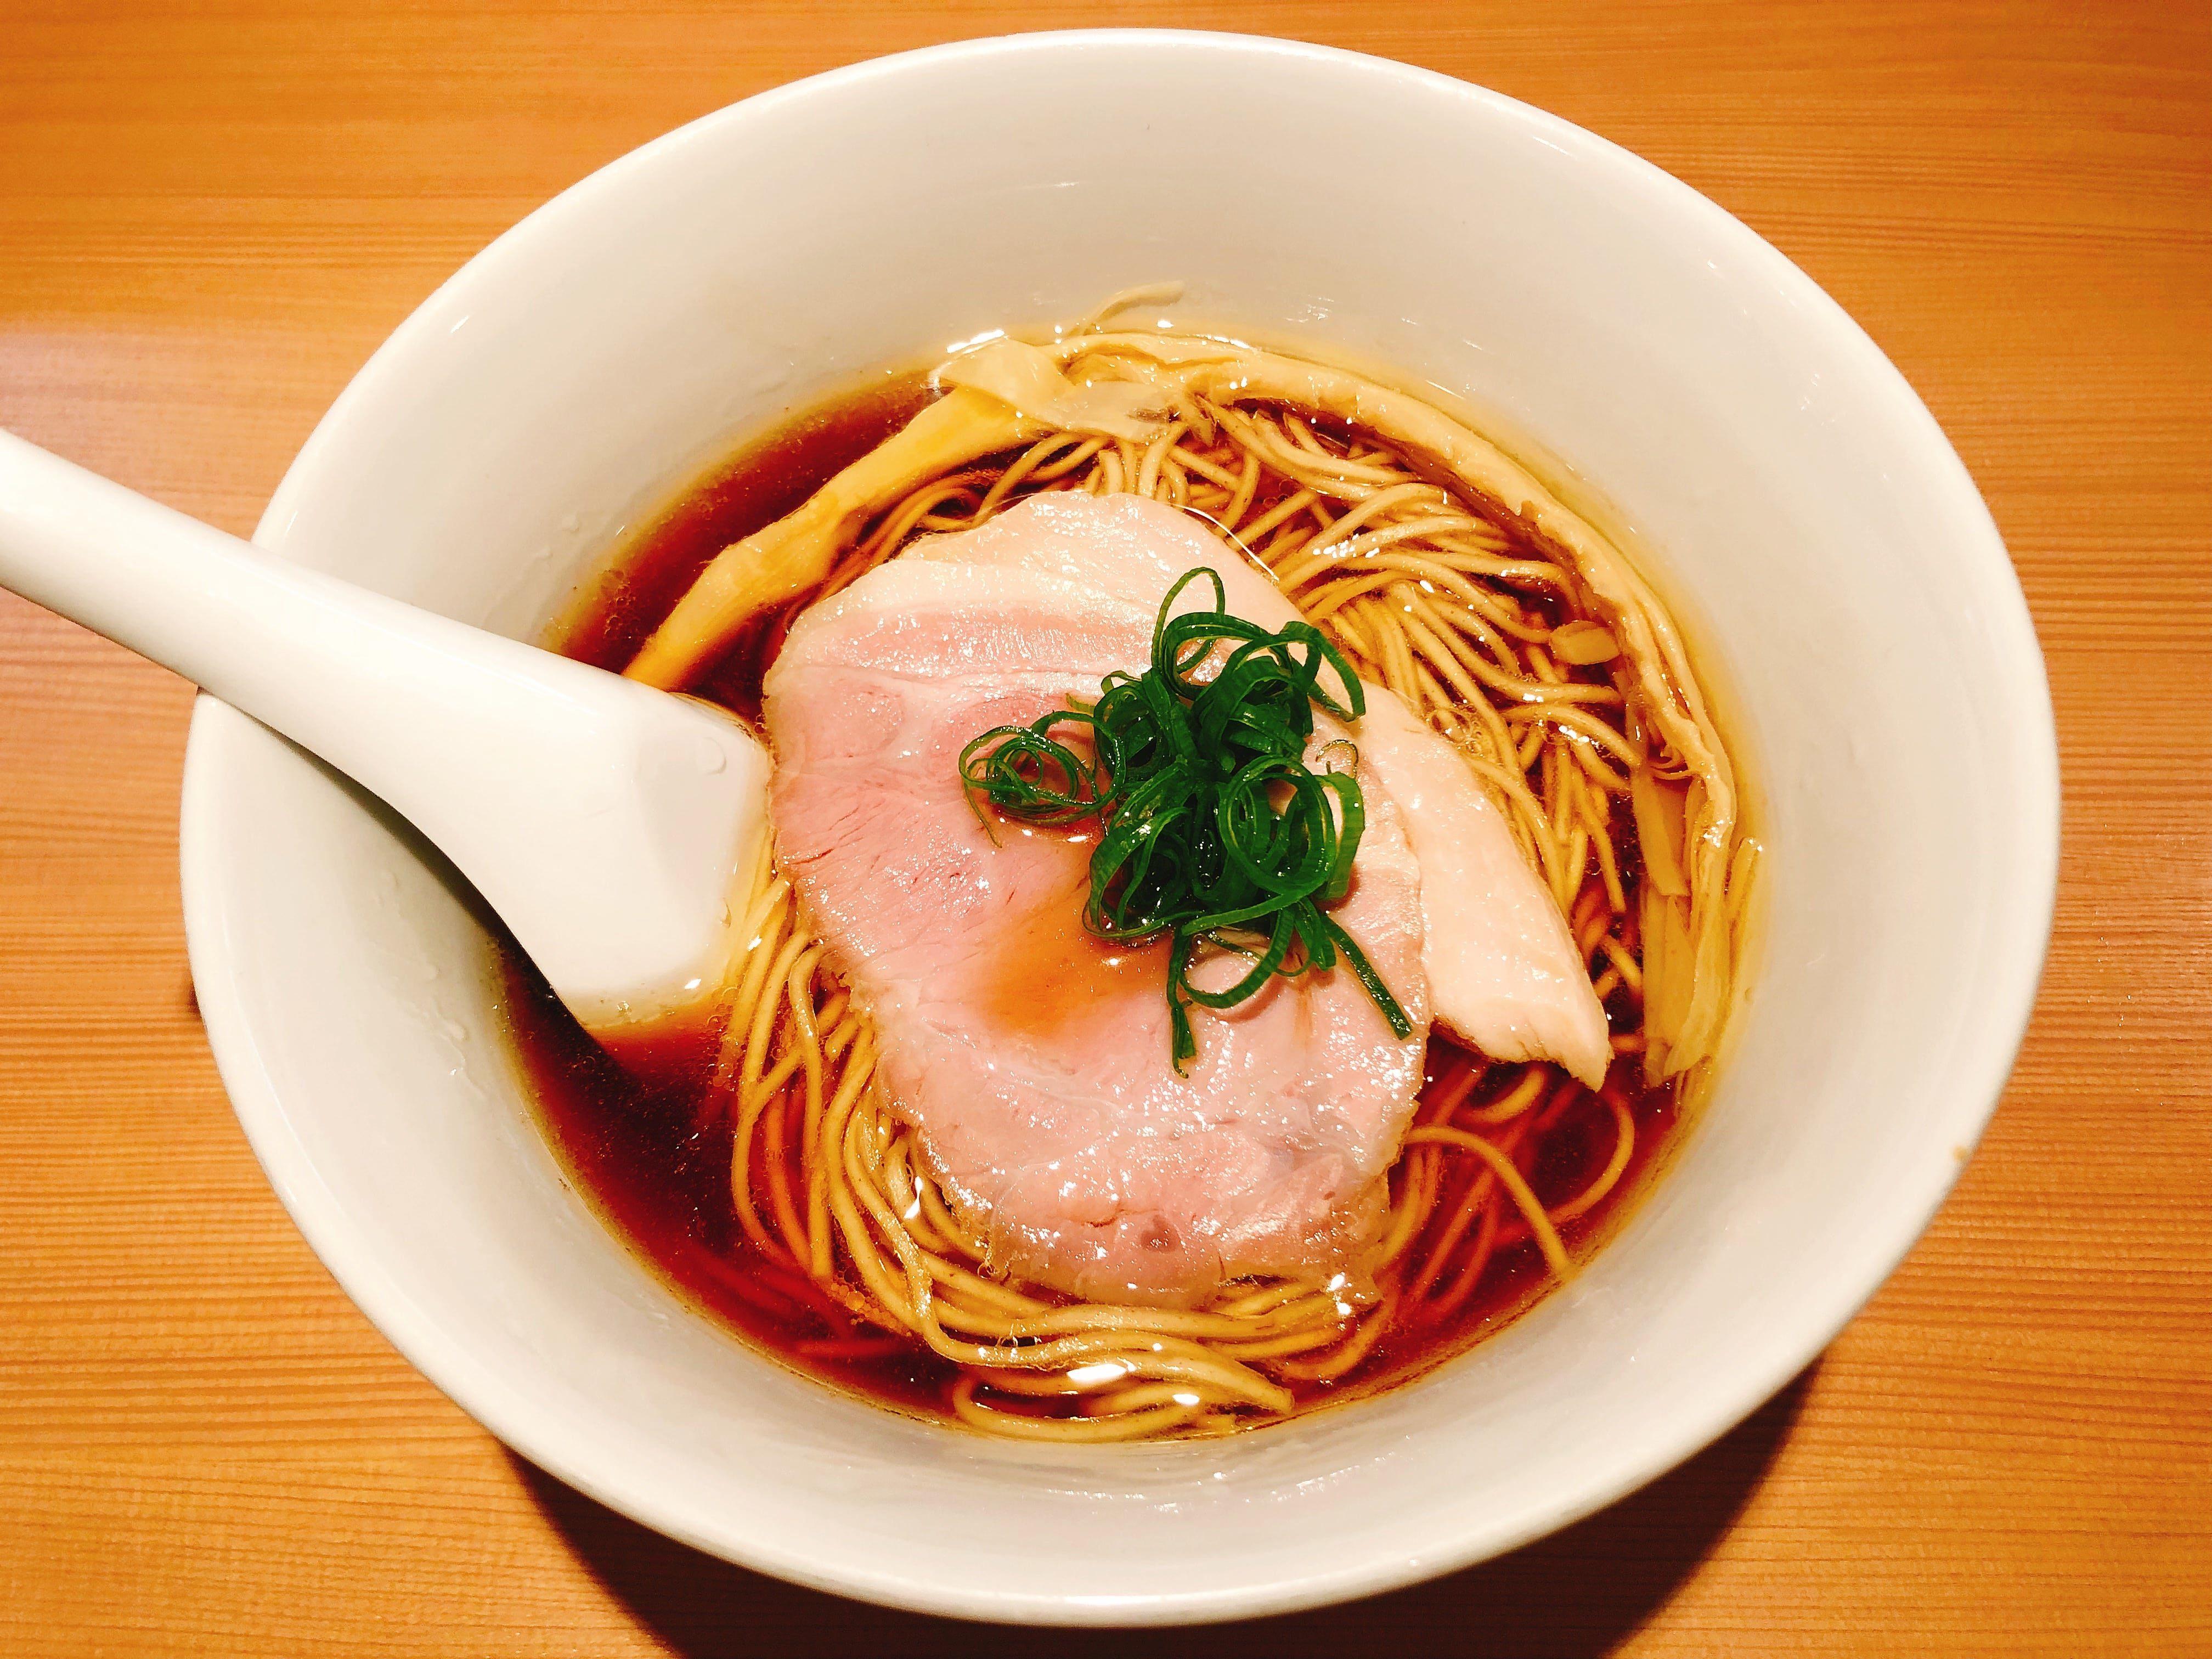 新宿で最強レベルの醤油ラーメン『醤油らぁ麺』@らぁ麺 はやし田 新宿本店【新宿】